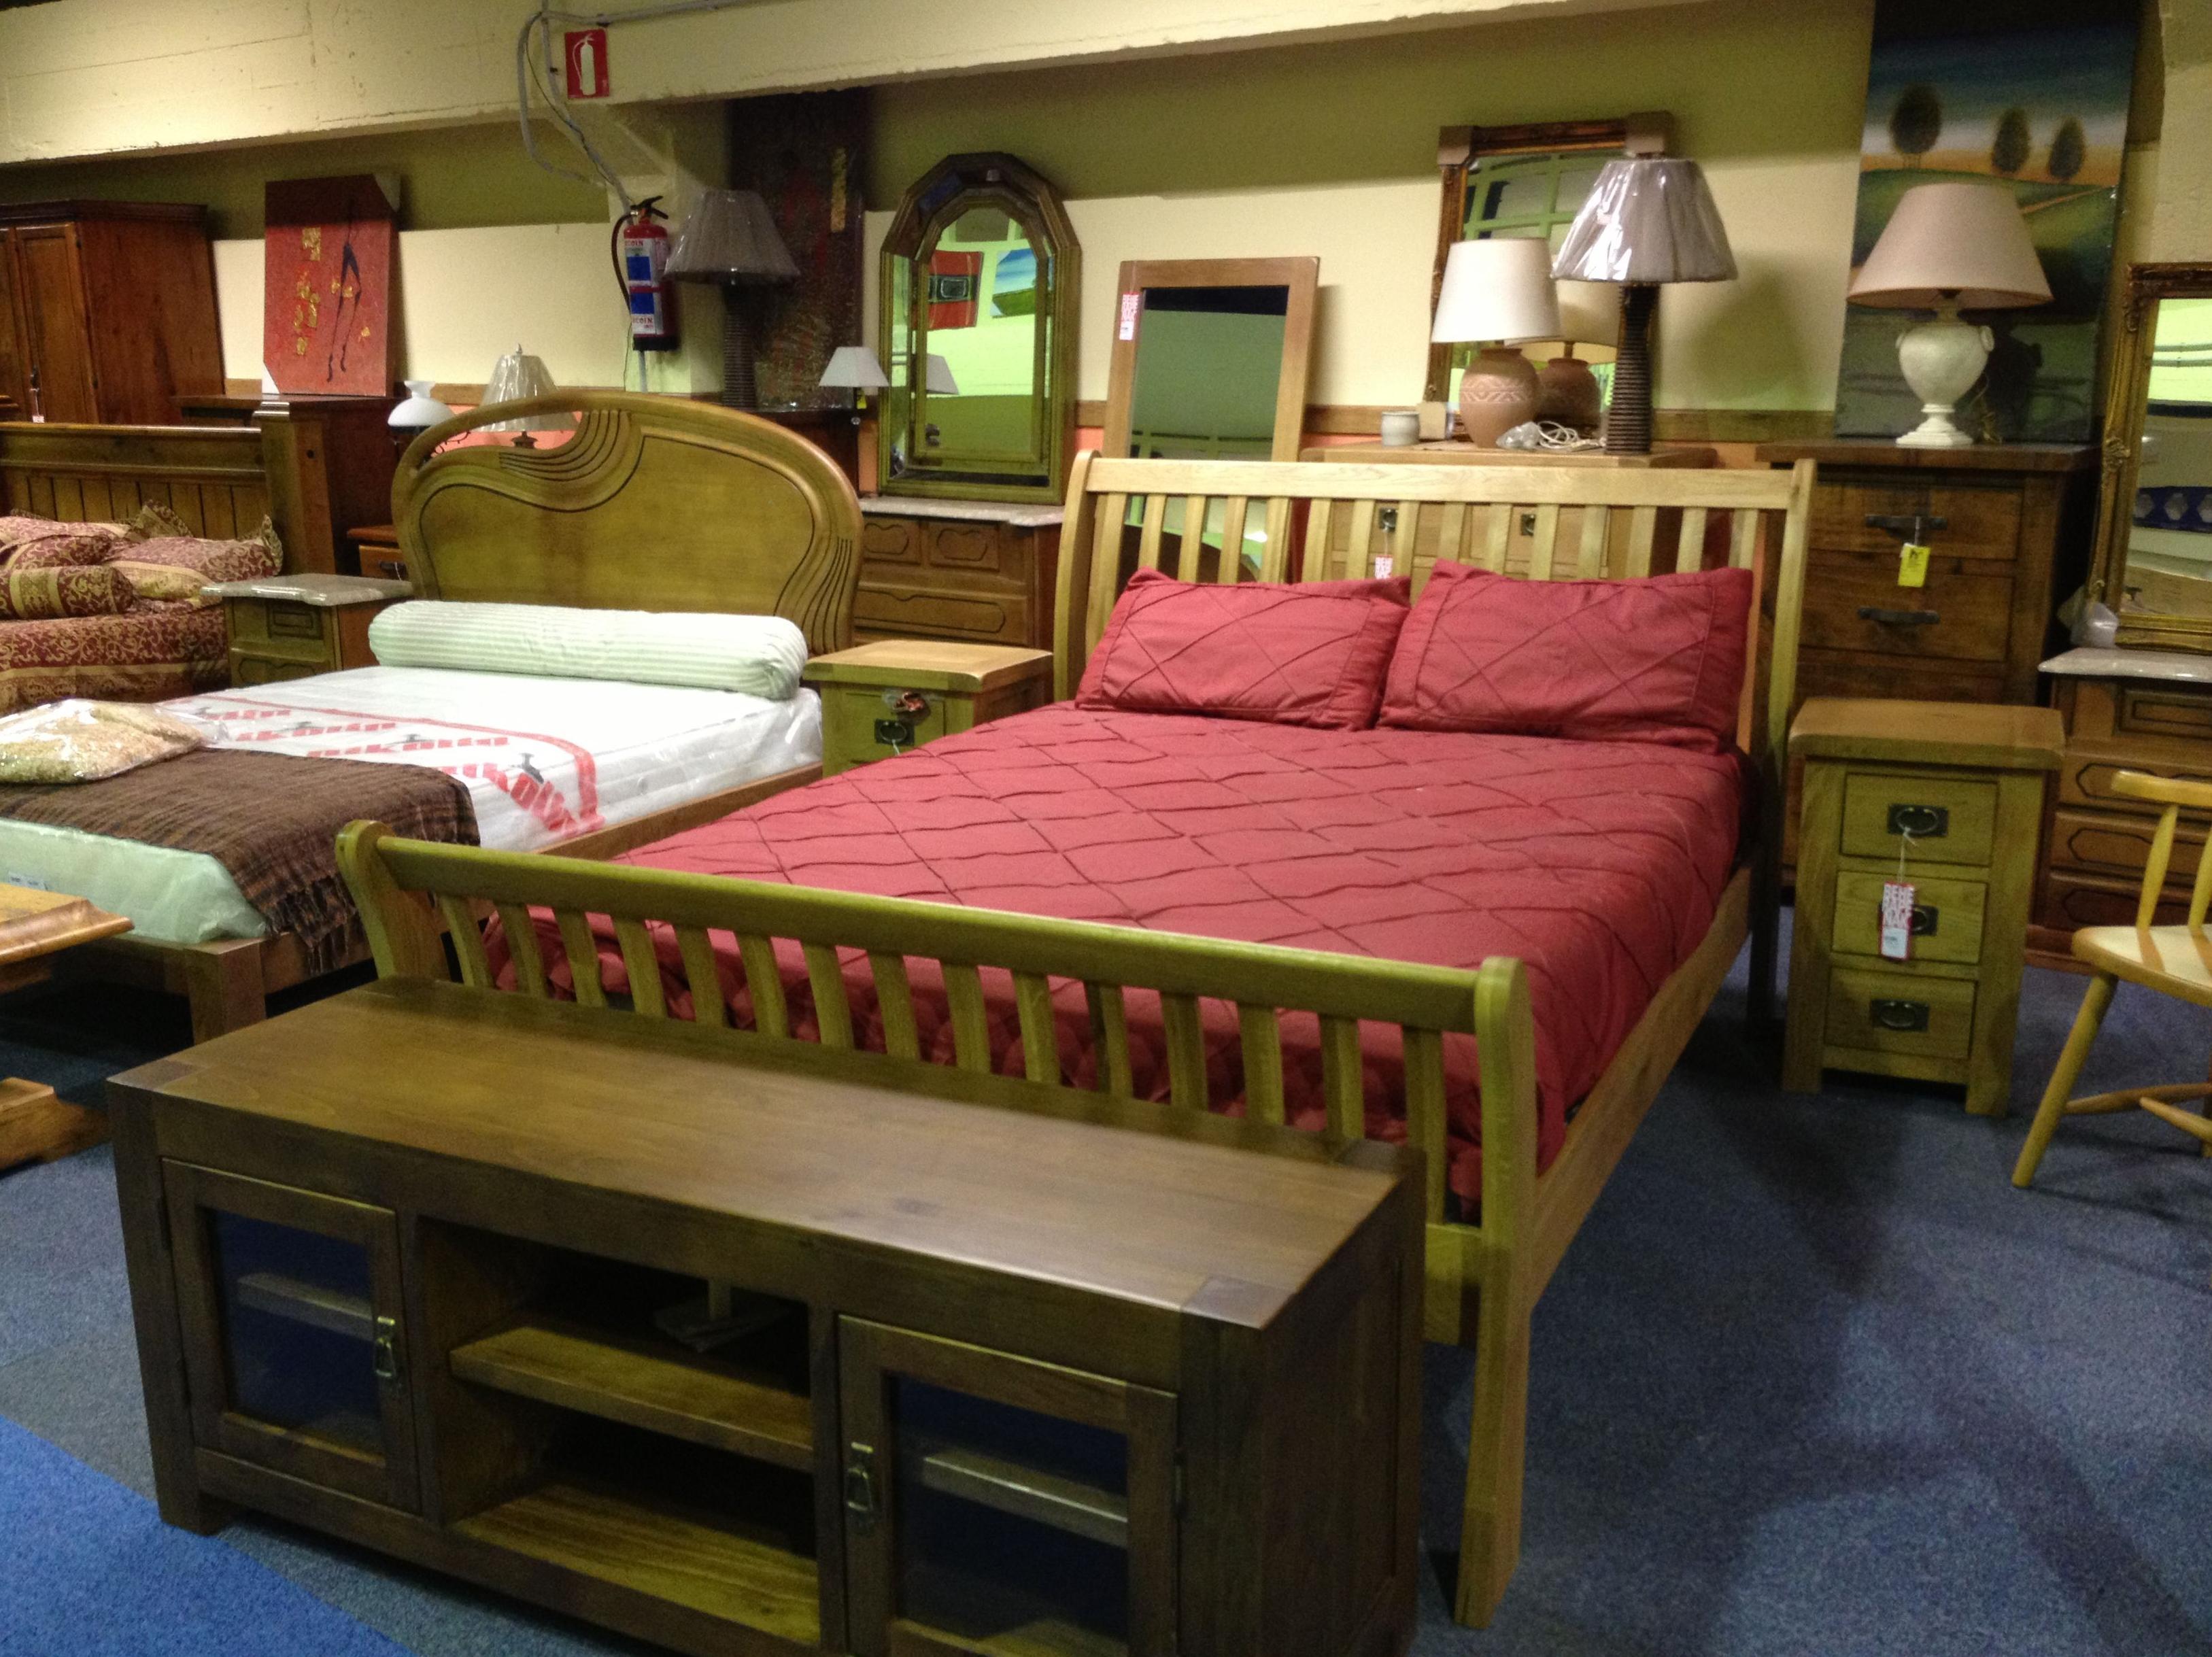 Muebles de segunda mano muebles nuevos y usados de remar for Muebles usados gratis